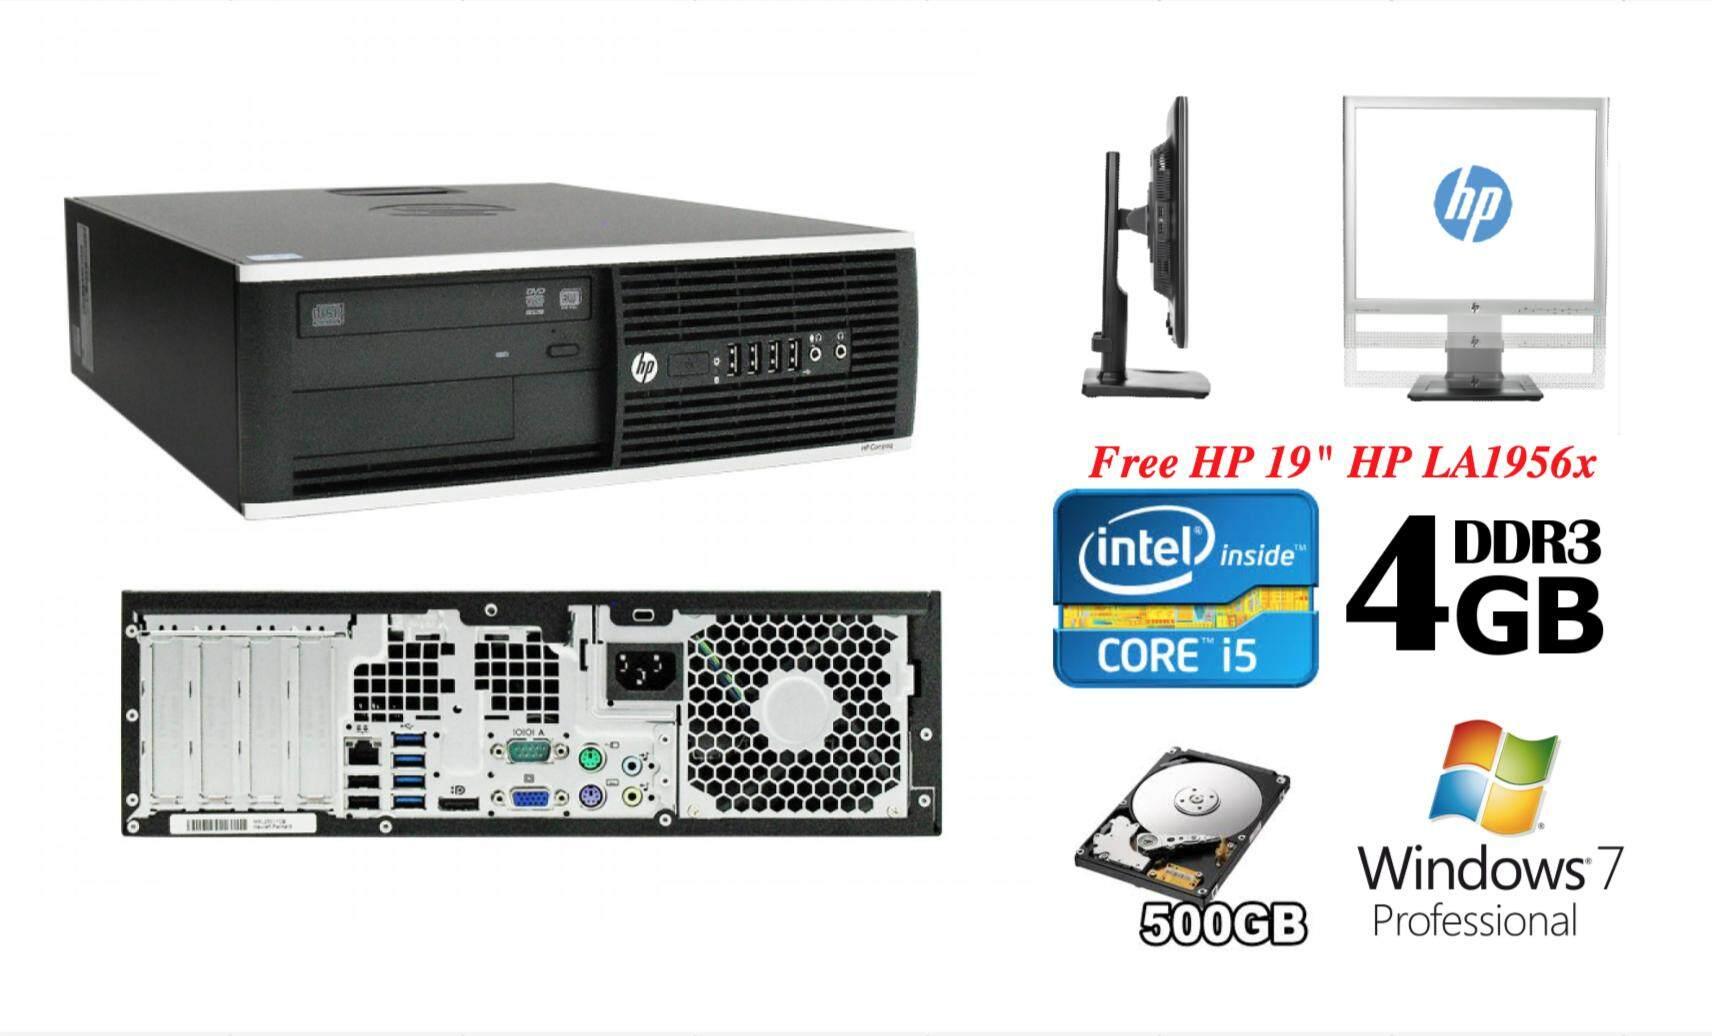 ddbf82e900d0 HP Compaq Pro 6300 Desktop SFF with HP 19